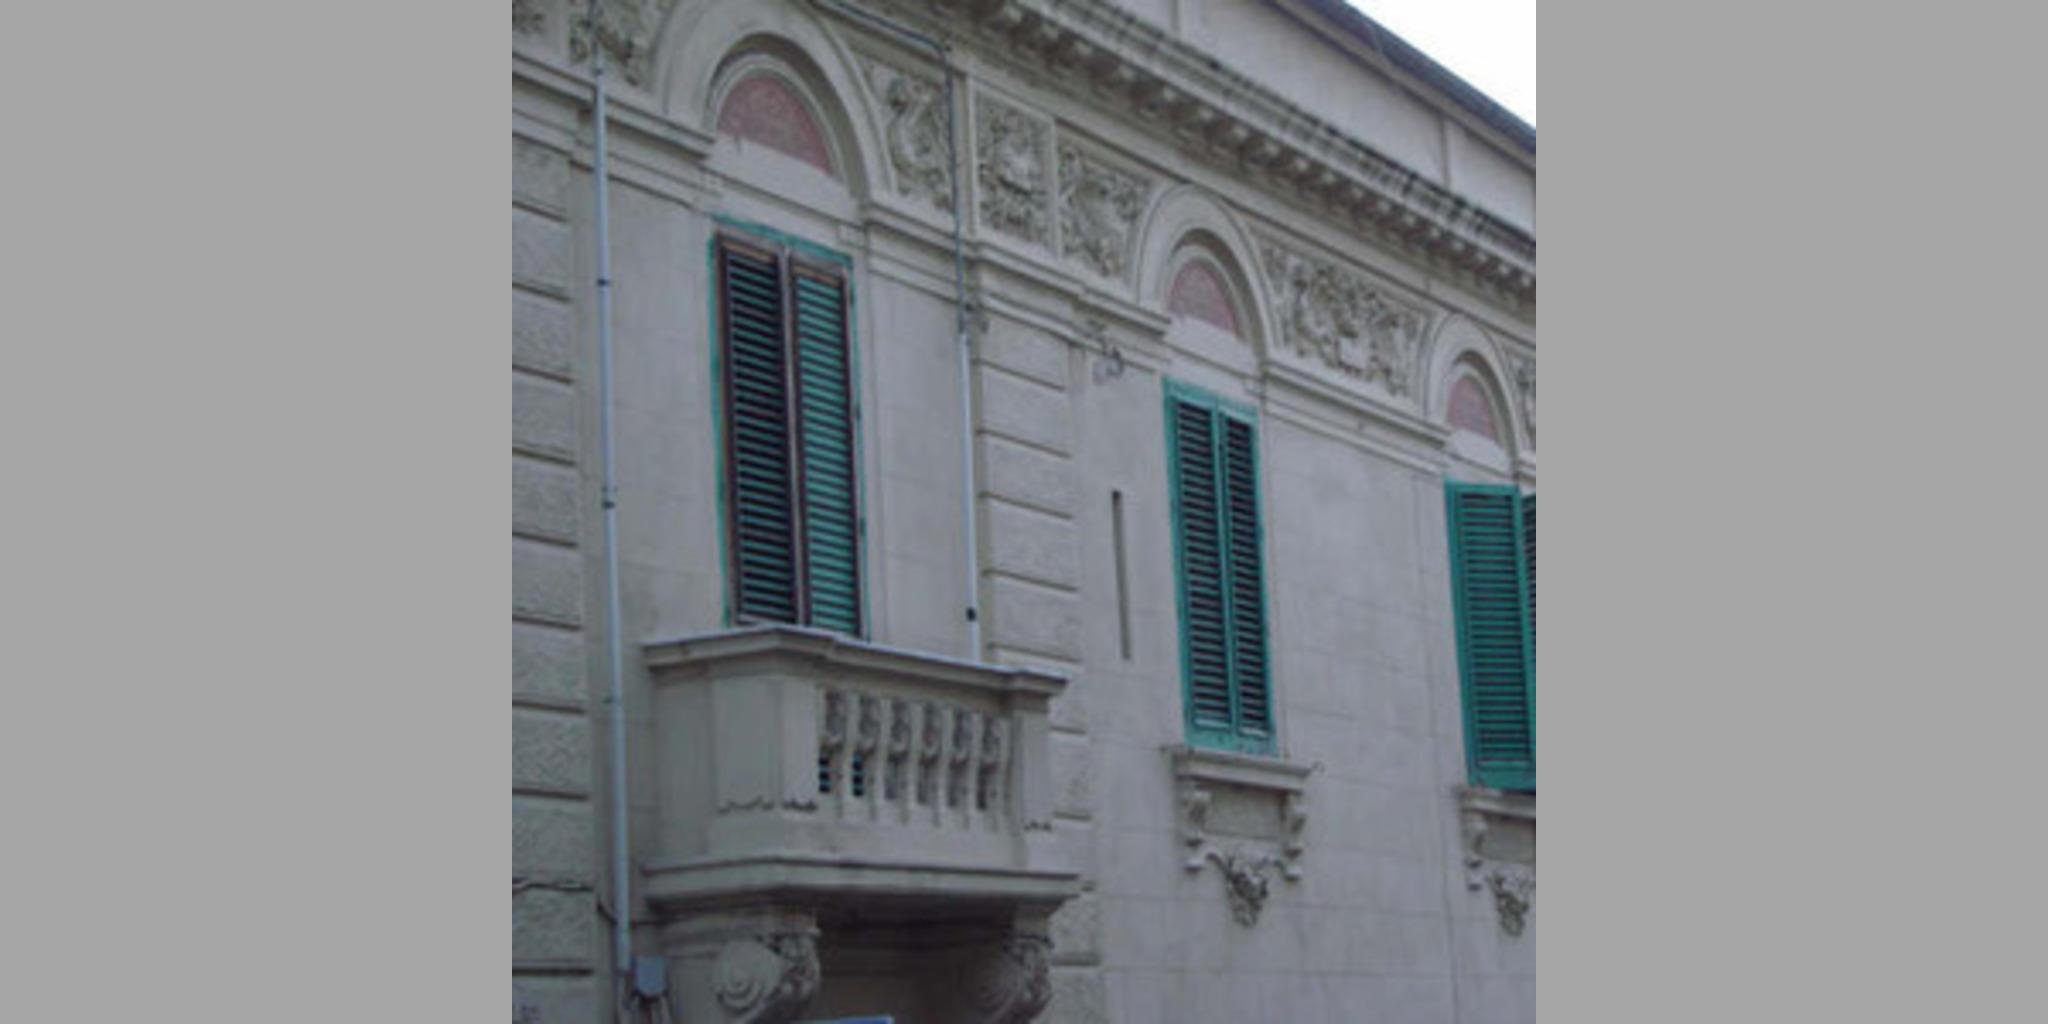 Bed & Breakfast Reggio Di Calabria - Reggio